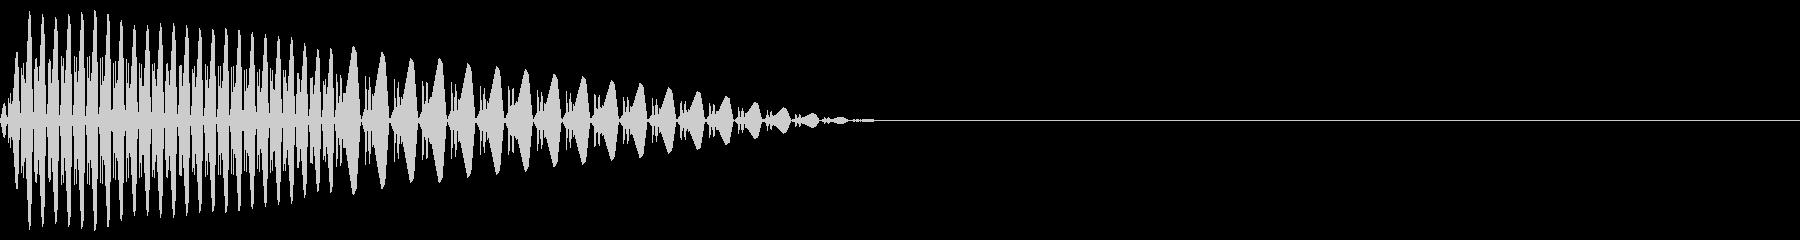 ピポッ(決定/キャンセル/選択ファミコンの未再生の波形